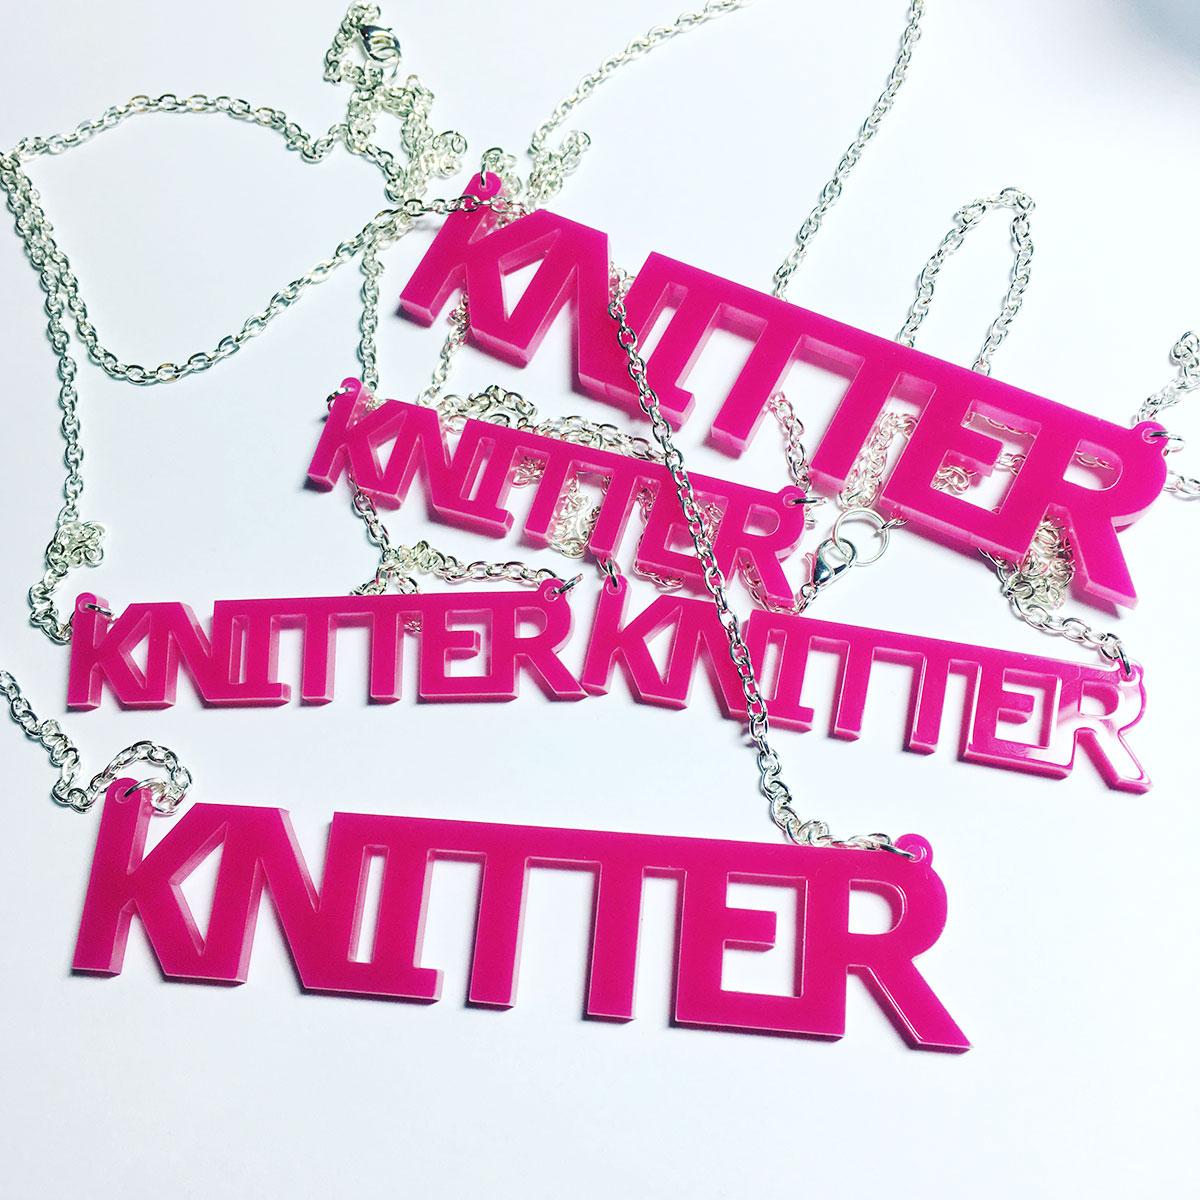 pink-knitter-1